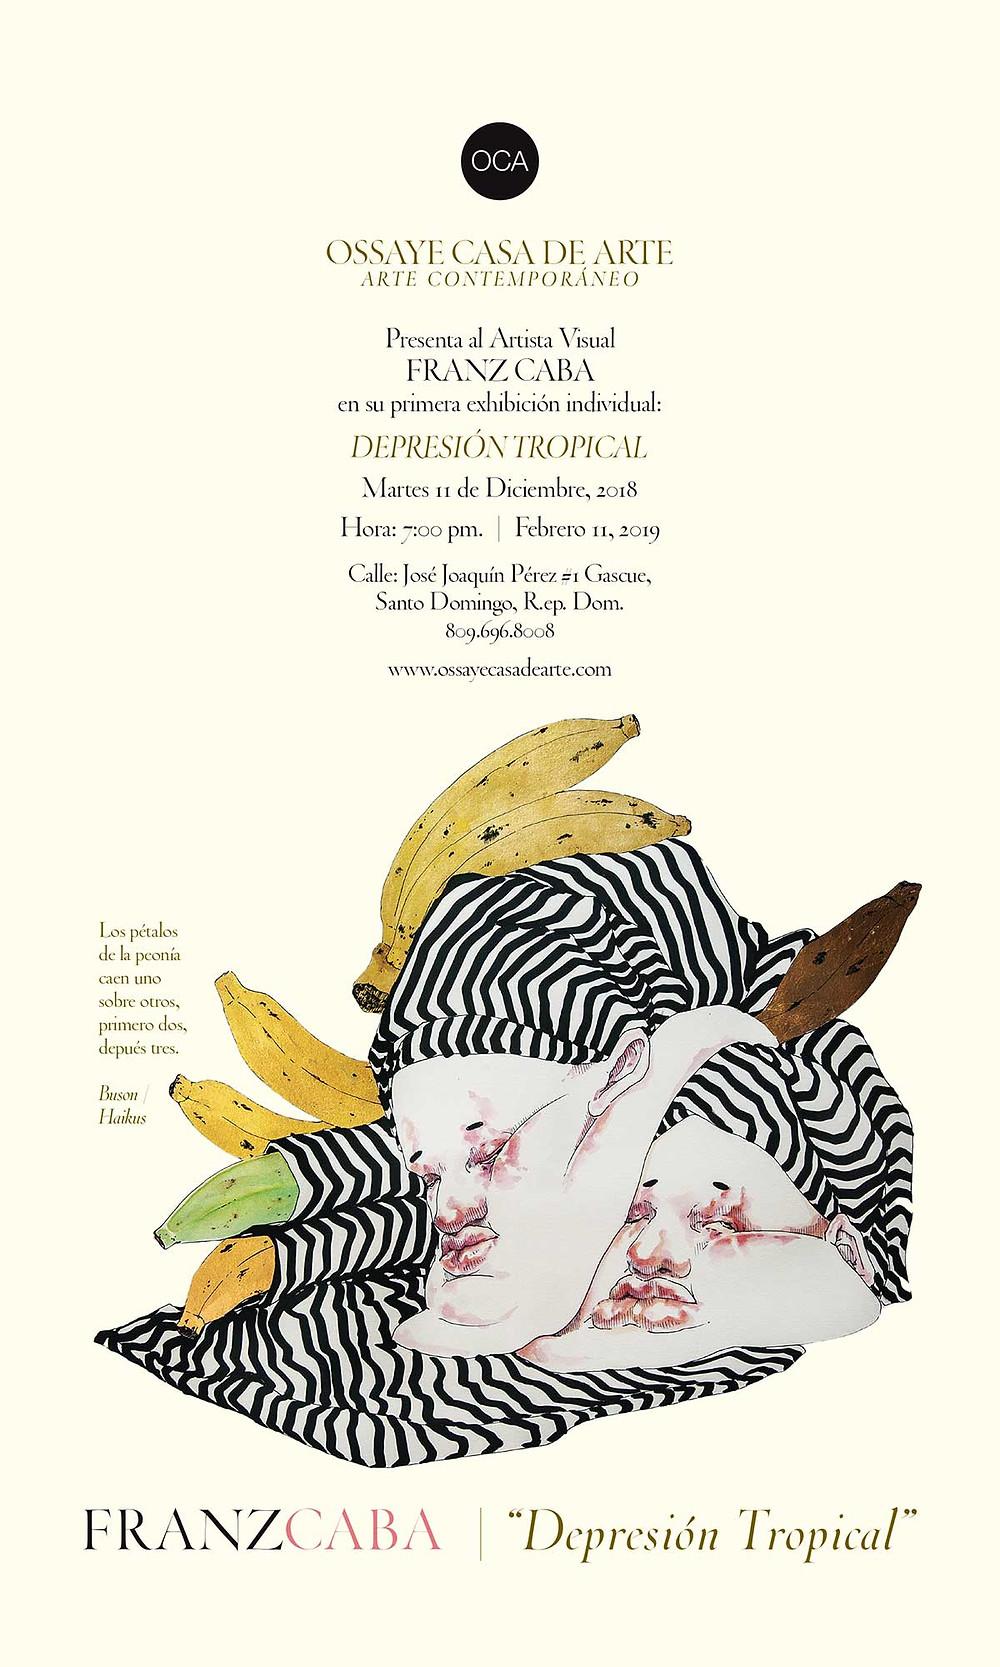 Franz Caba / Depresión Tropical